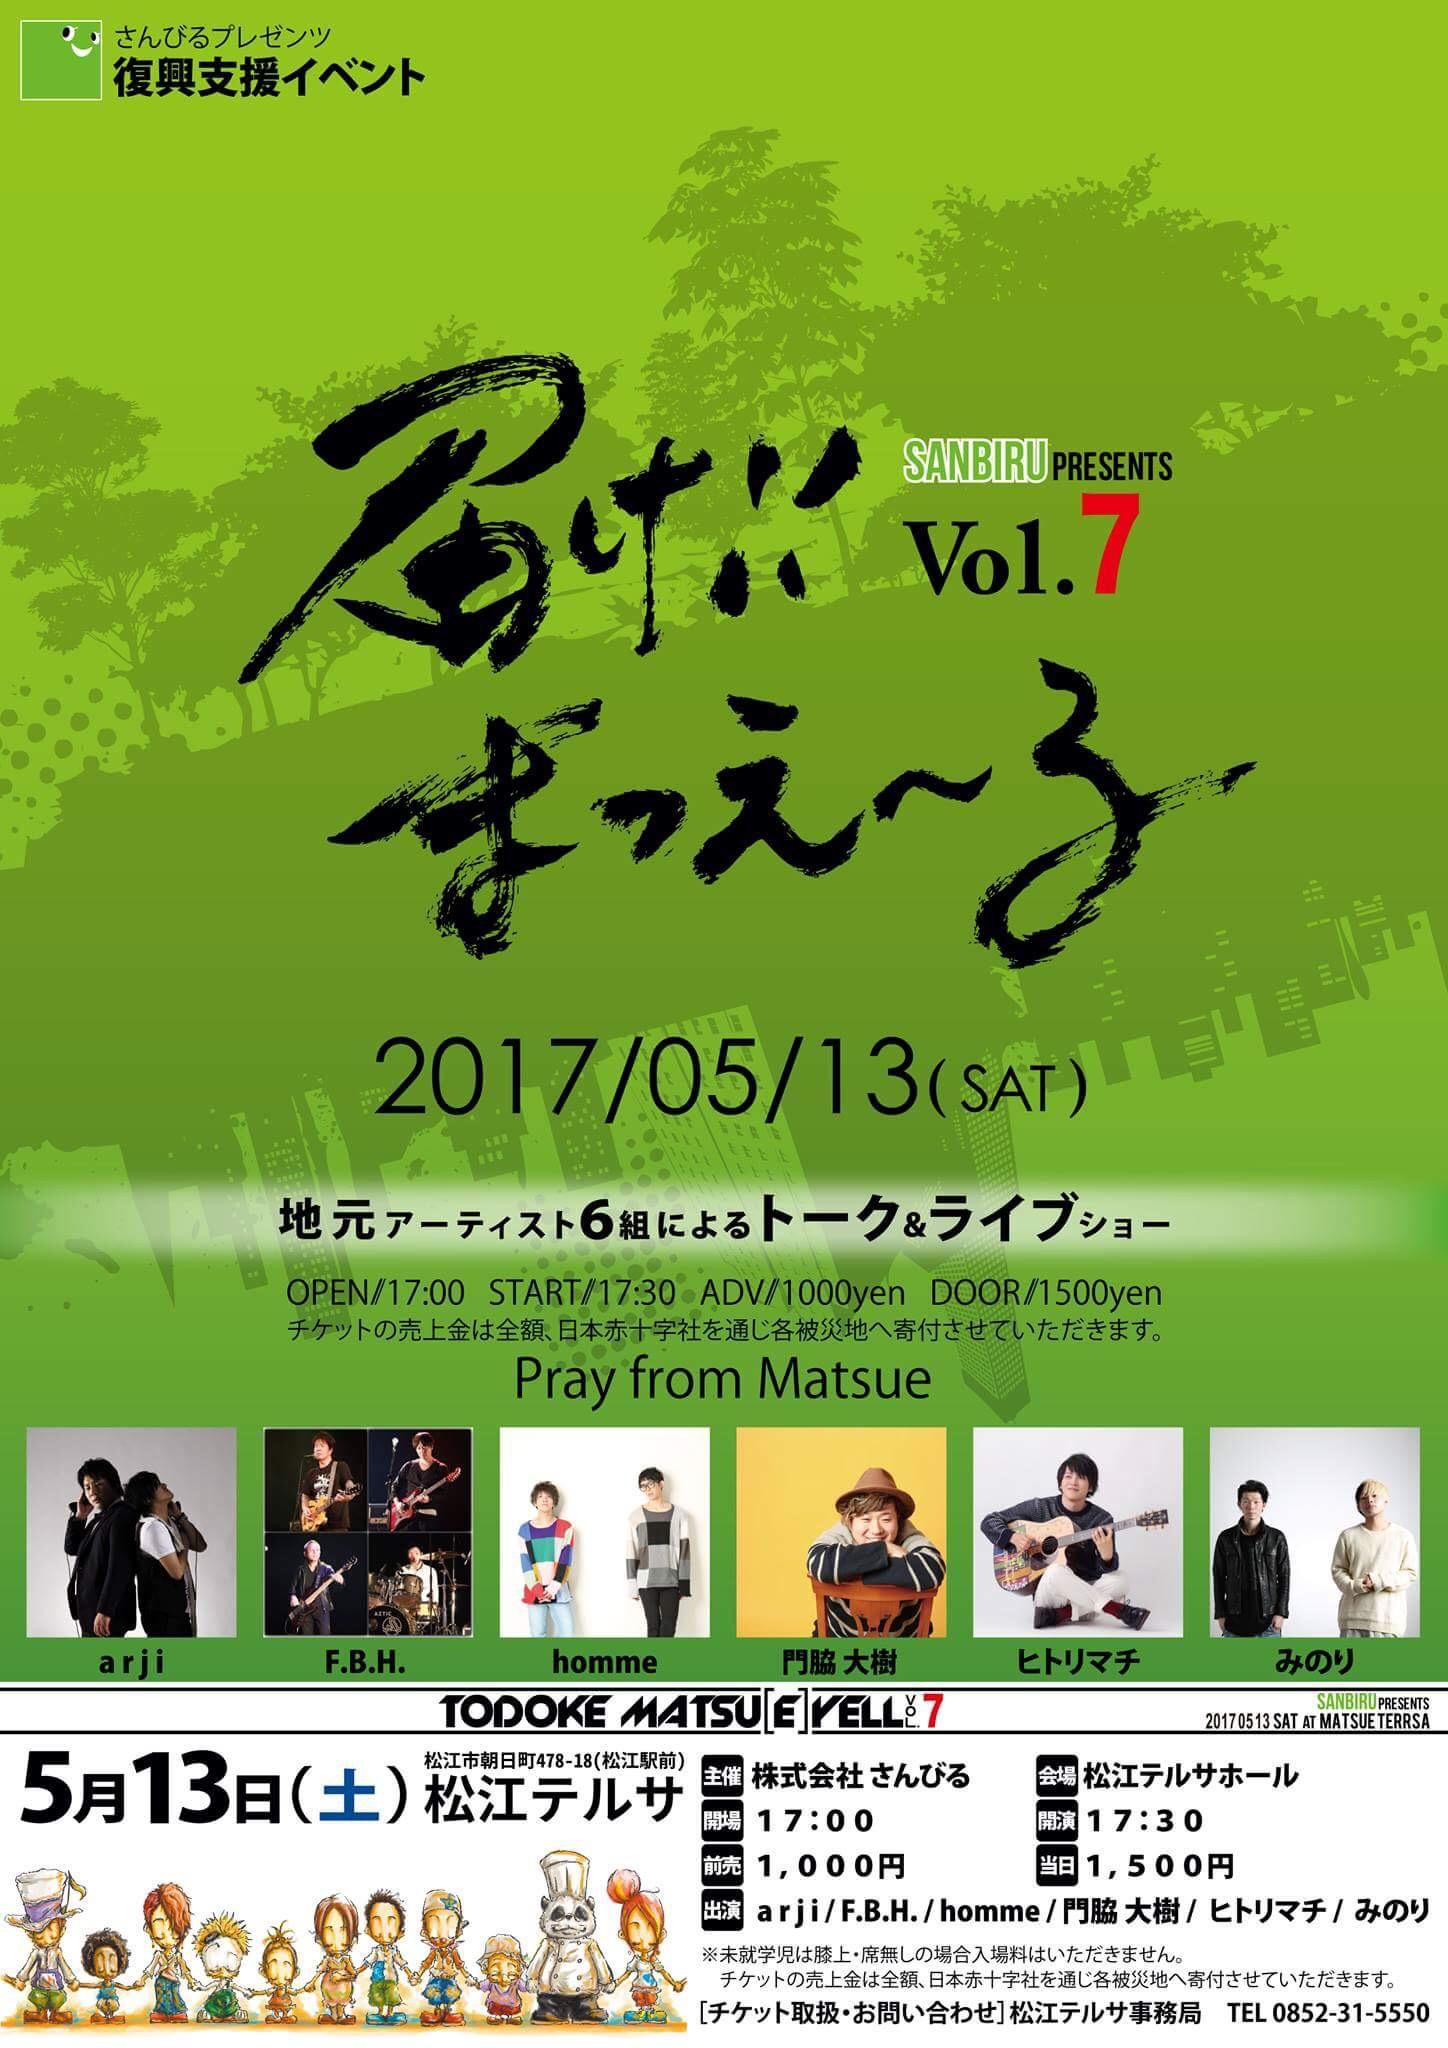 【LIVE】2017.5.13(sat)届け‼まつえ~る vol.7 @ 松江テルサホール | 松江市 | 島根県 | 日本